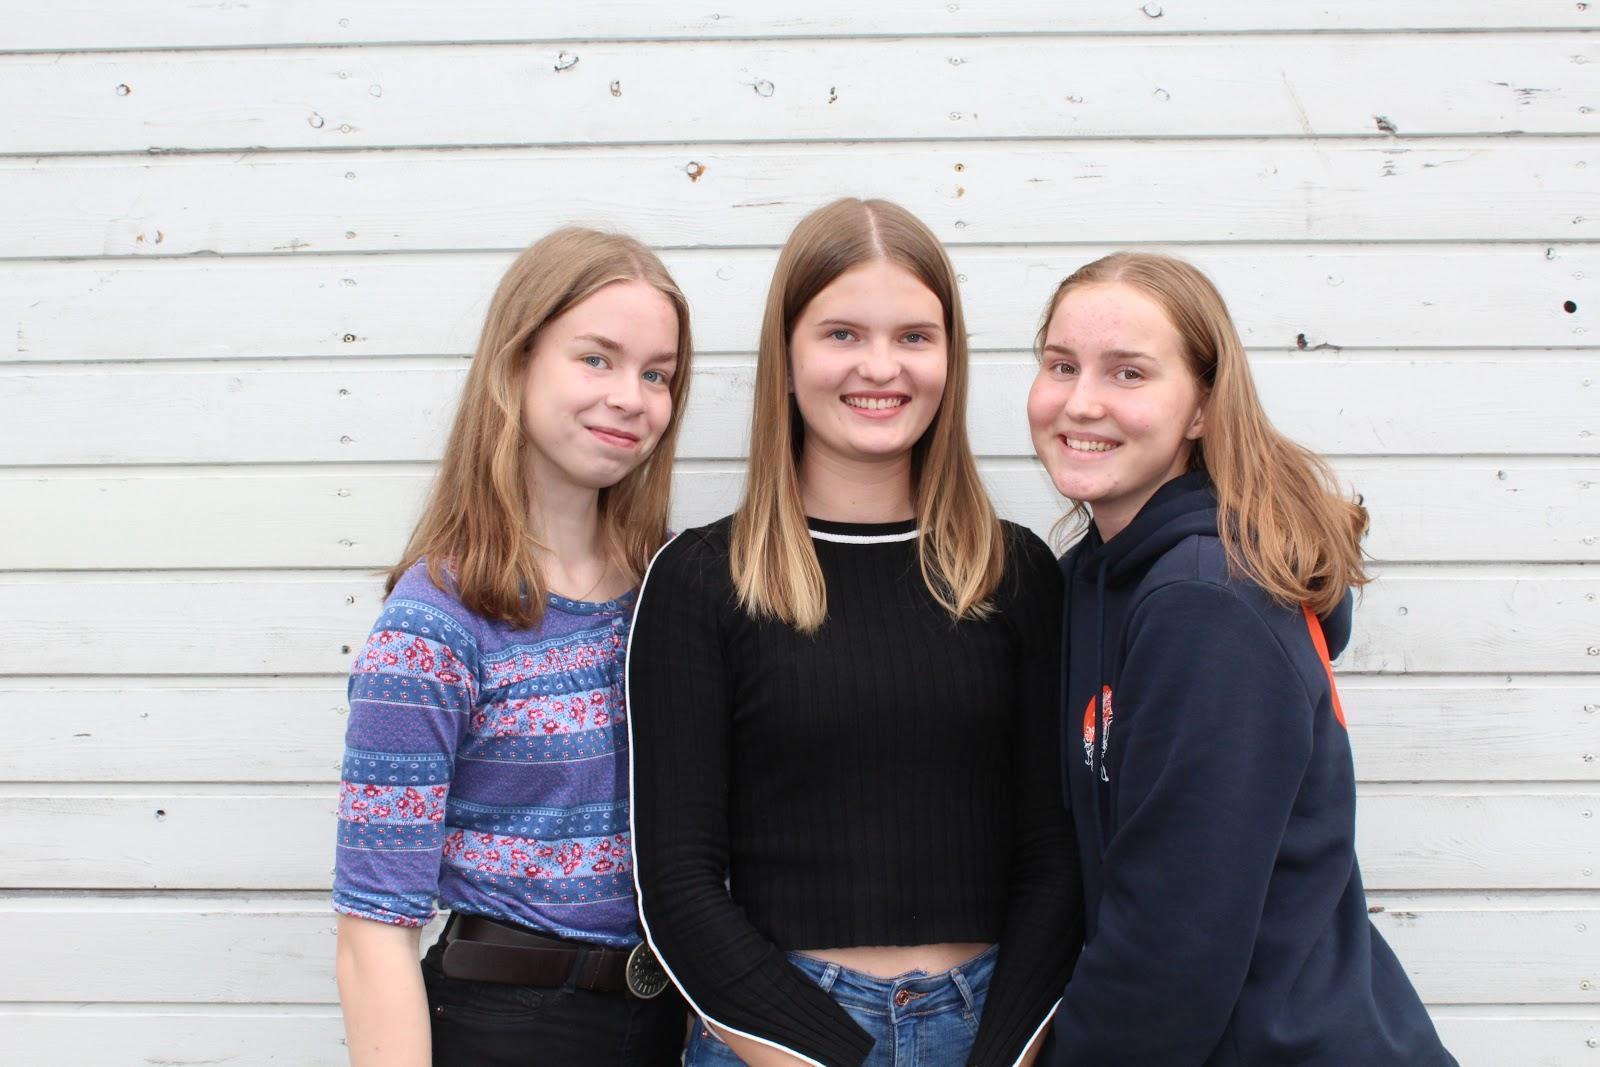 Maria Tuuliainen, Riina Laakso ja Emmi Tuovinen Juvan lukiosta.